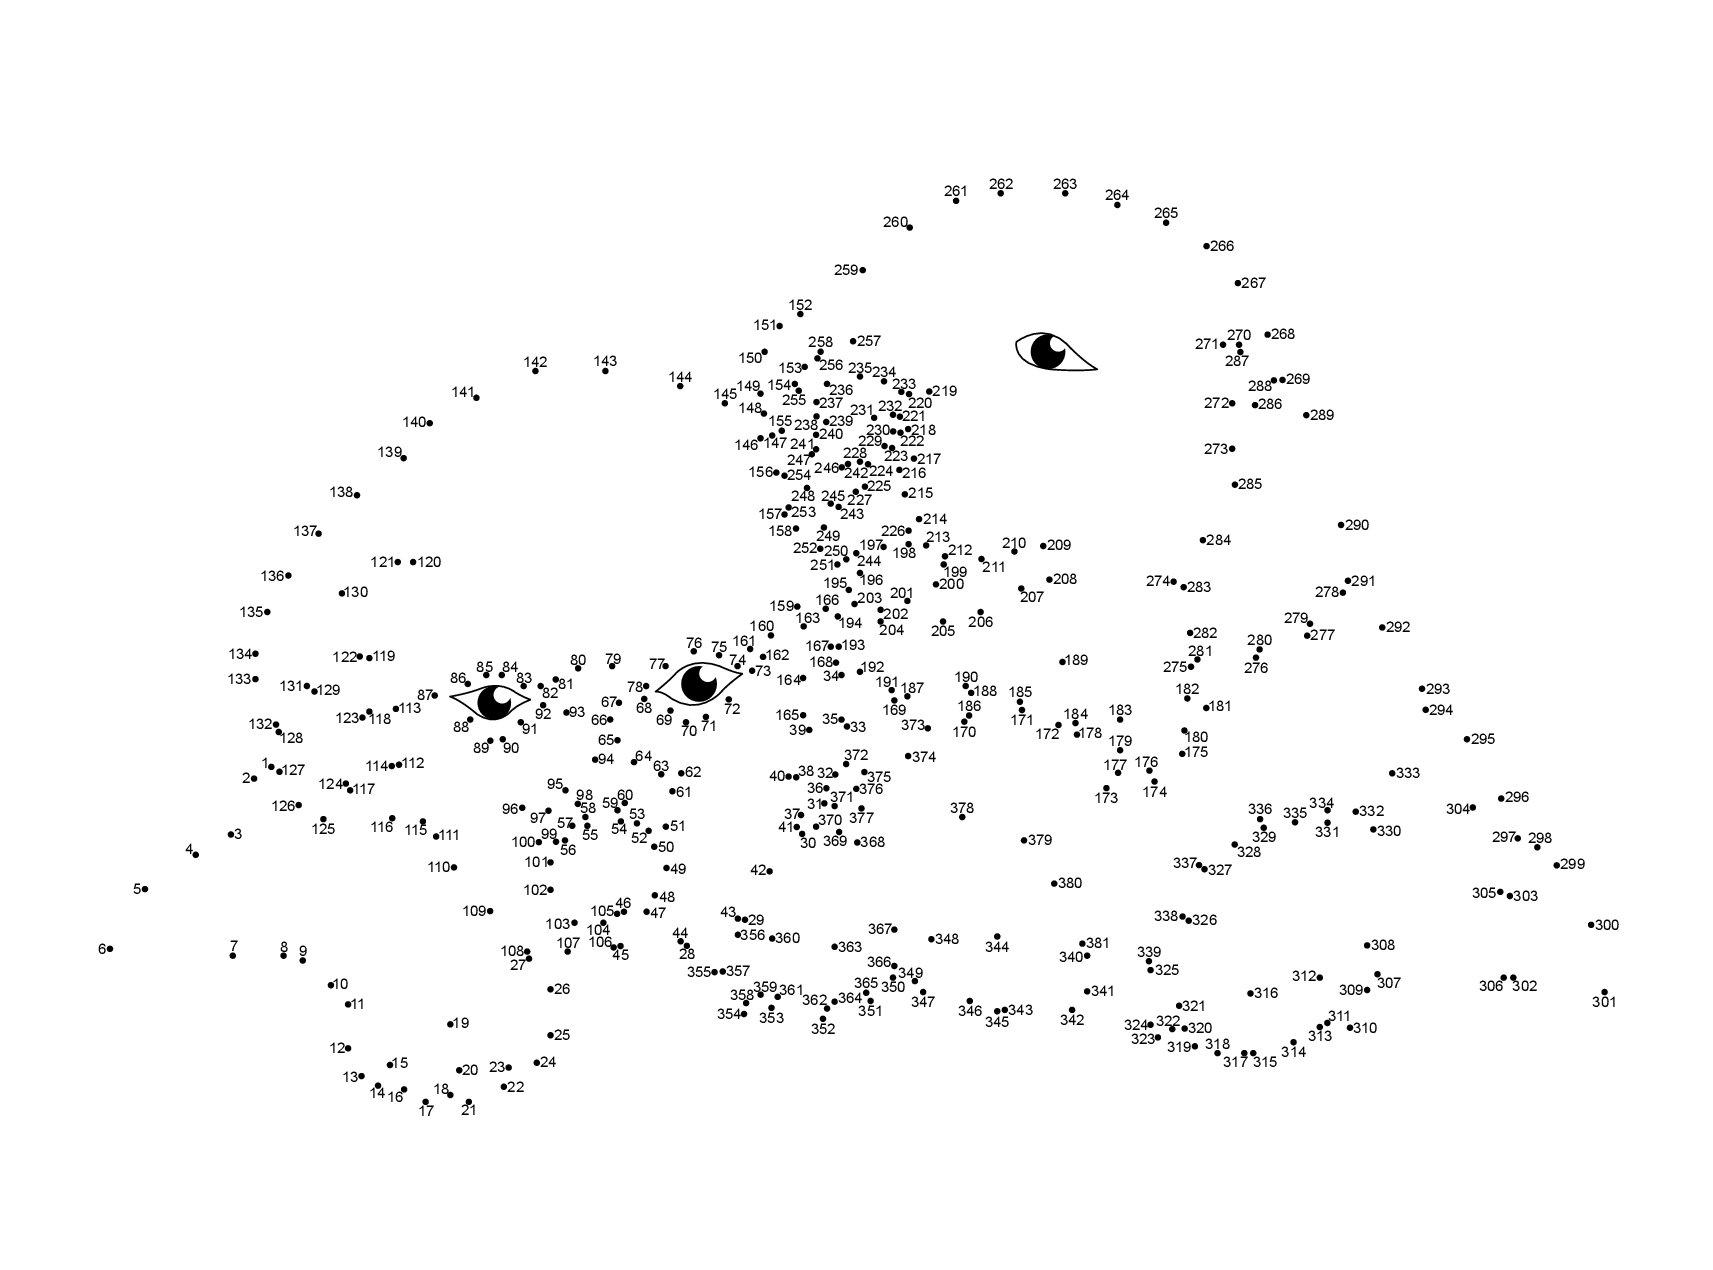 кекс орехами соединить рисунок по точкам с цифрами сложные распечатать это значит